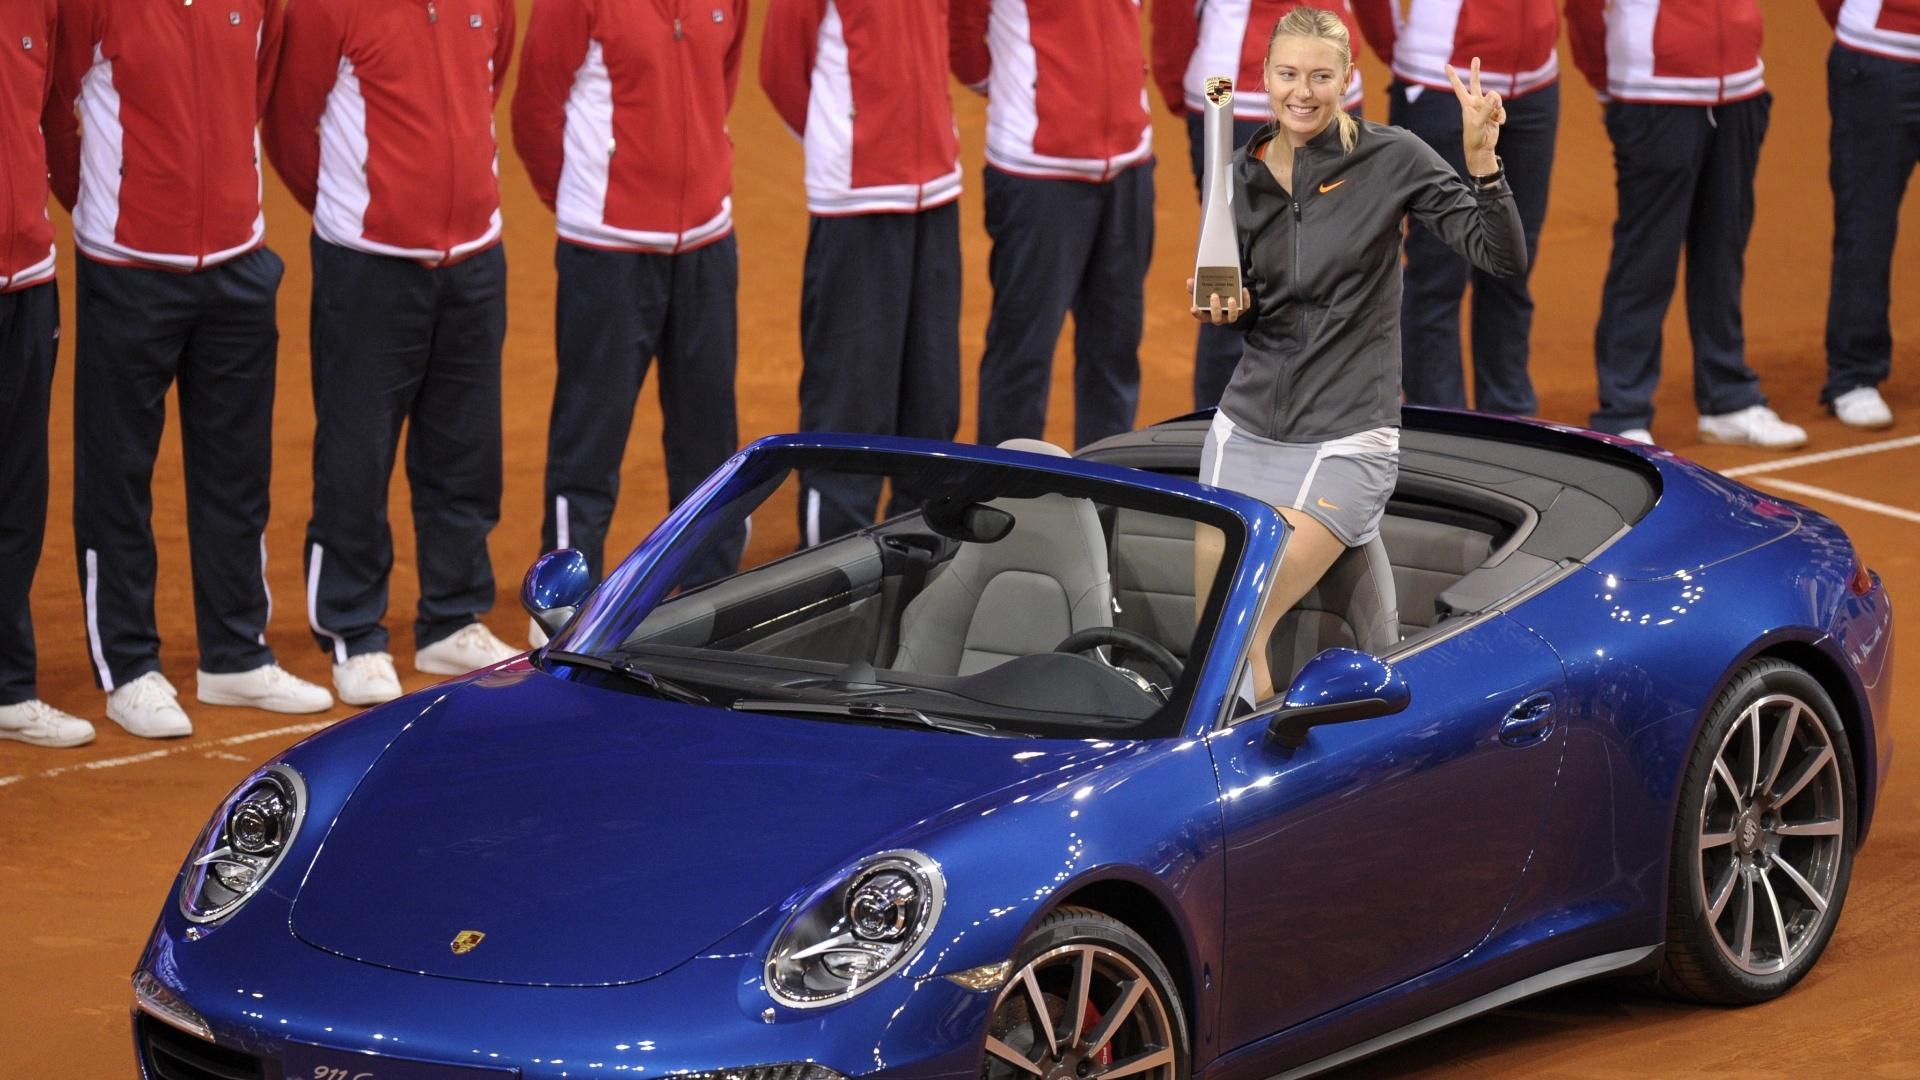 28.abr.2013 - Do Porshe 911 4S que ganhou, Maria Sharapova exibe troféu do Torneio de Stuttgart, na Alemanha